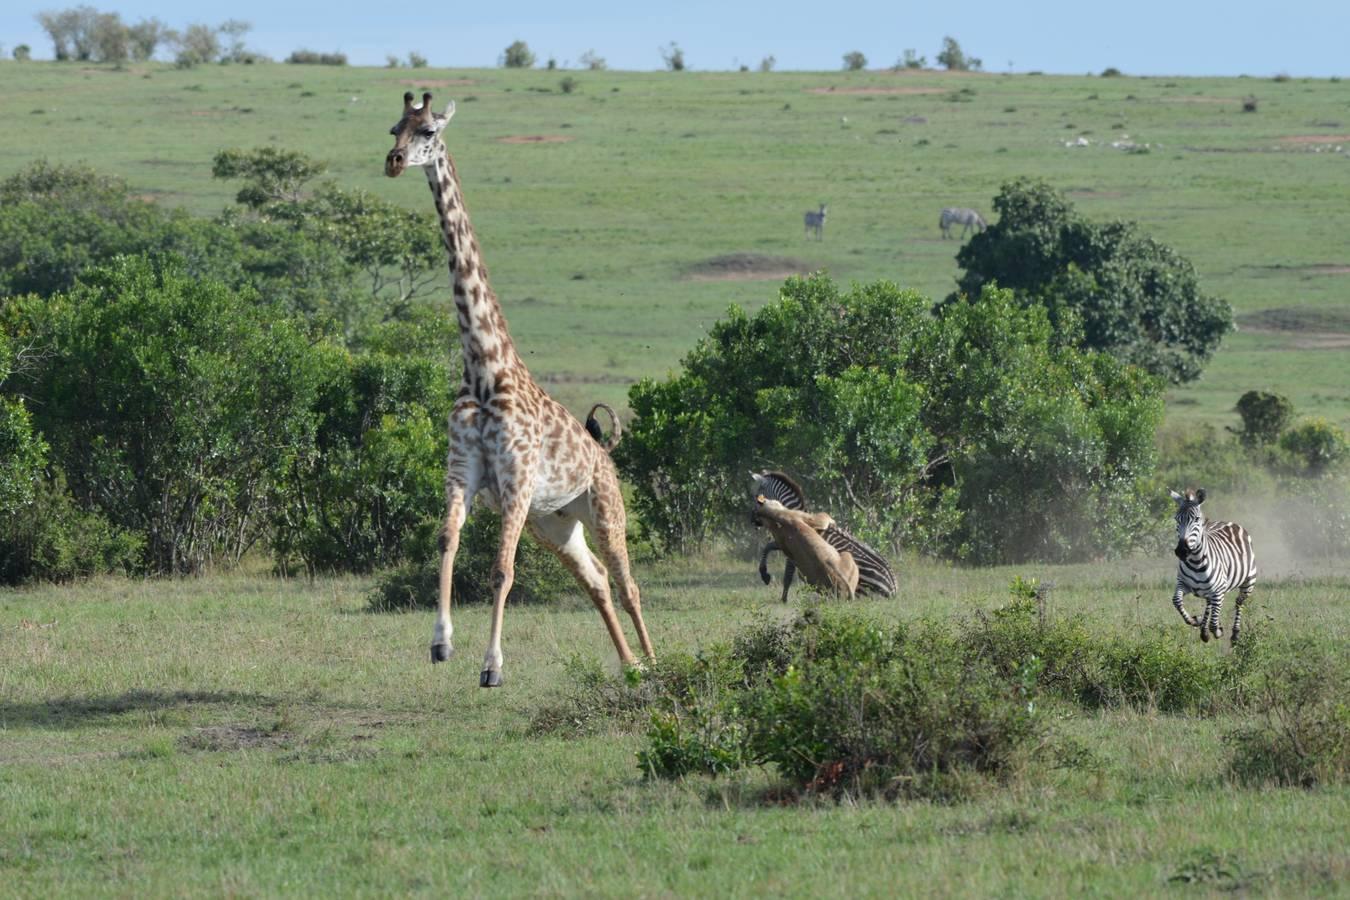 Fotíme zver na safari v Afrike - 2. časť